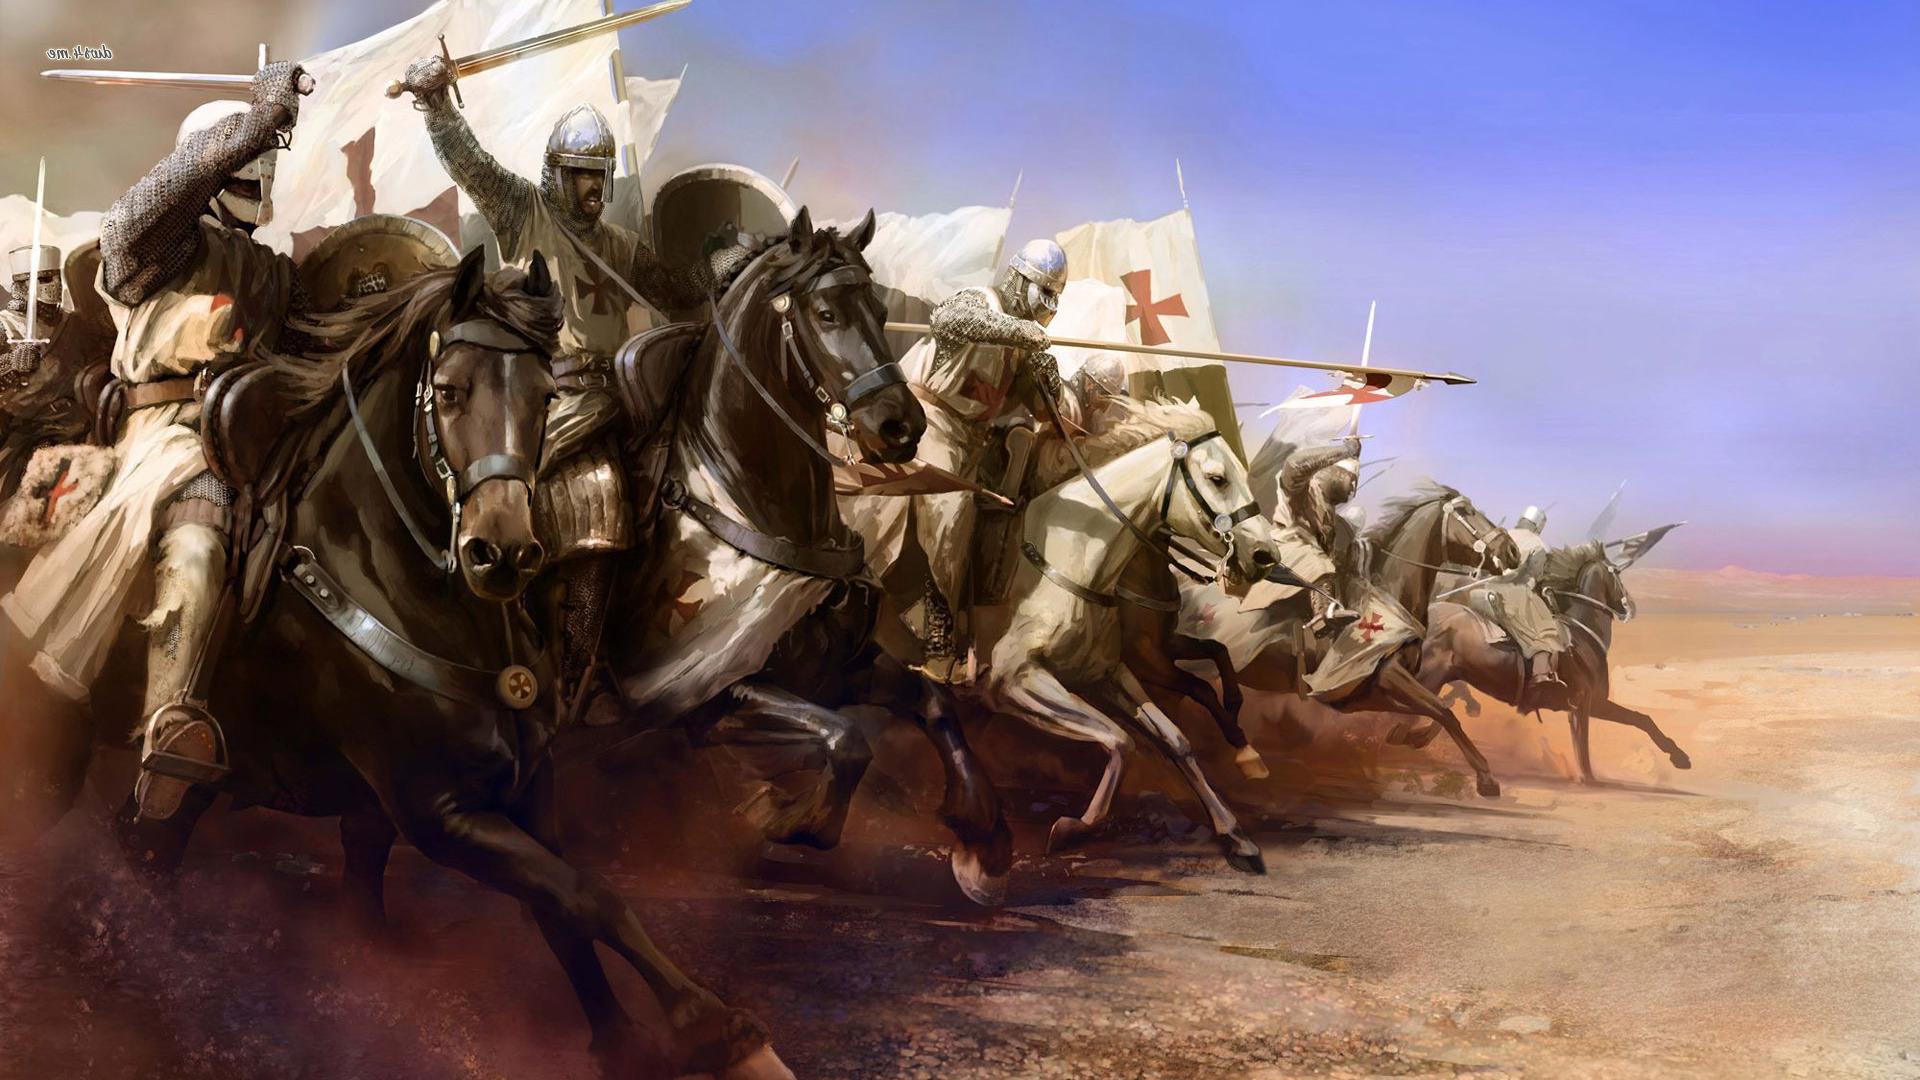 22954-knights-at-war-1920x1080-fantasy-wallpaper.jpg